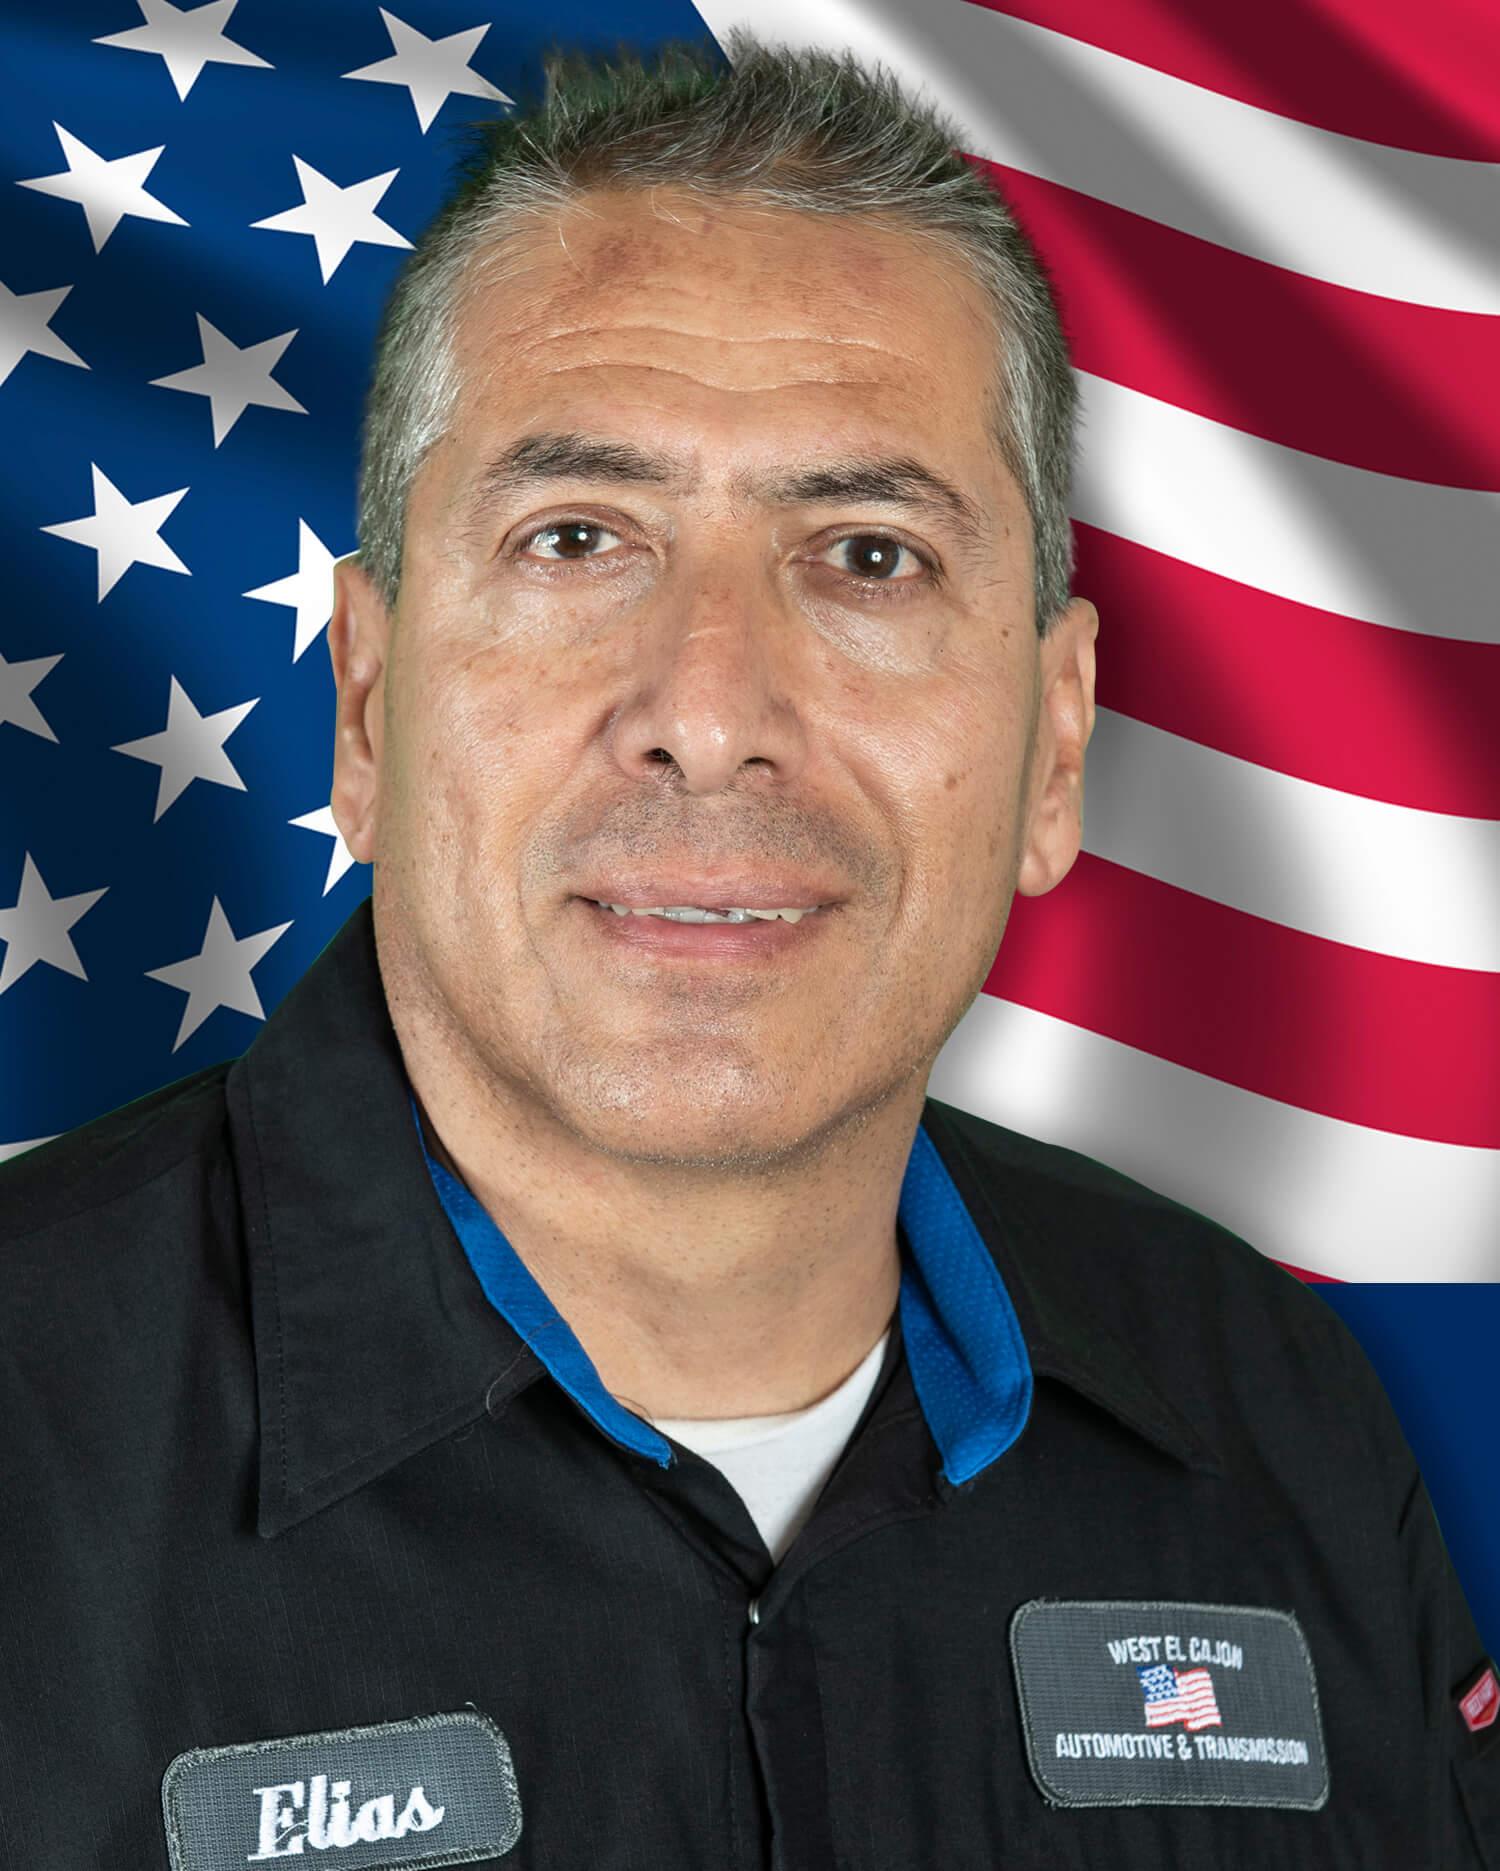 Elias Reyna